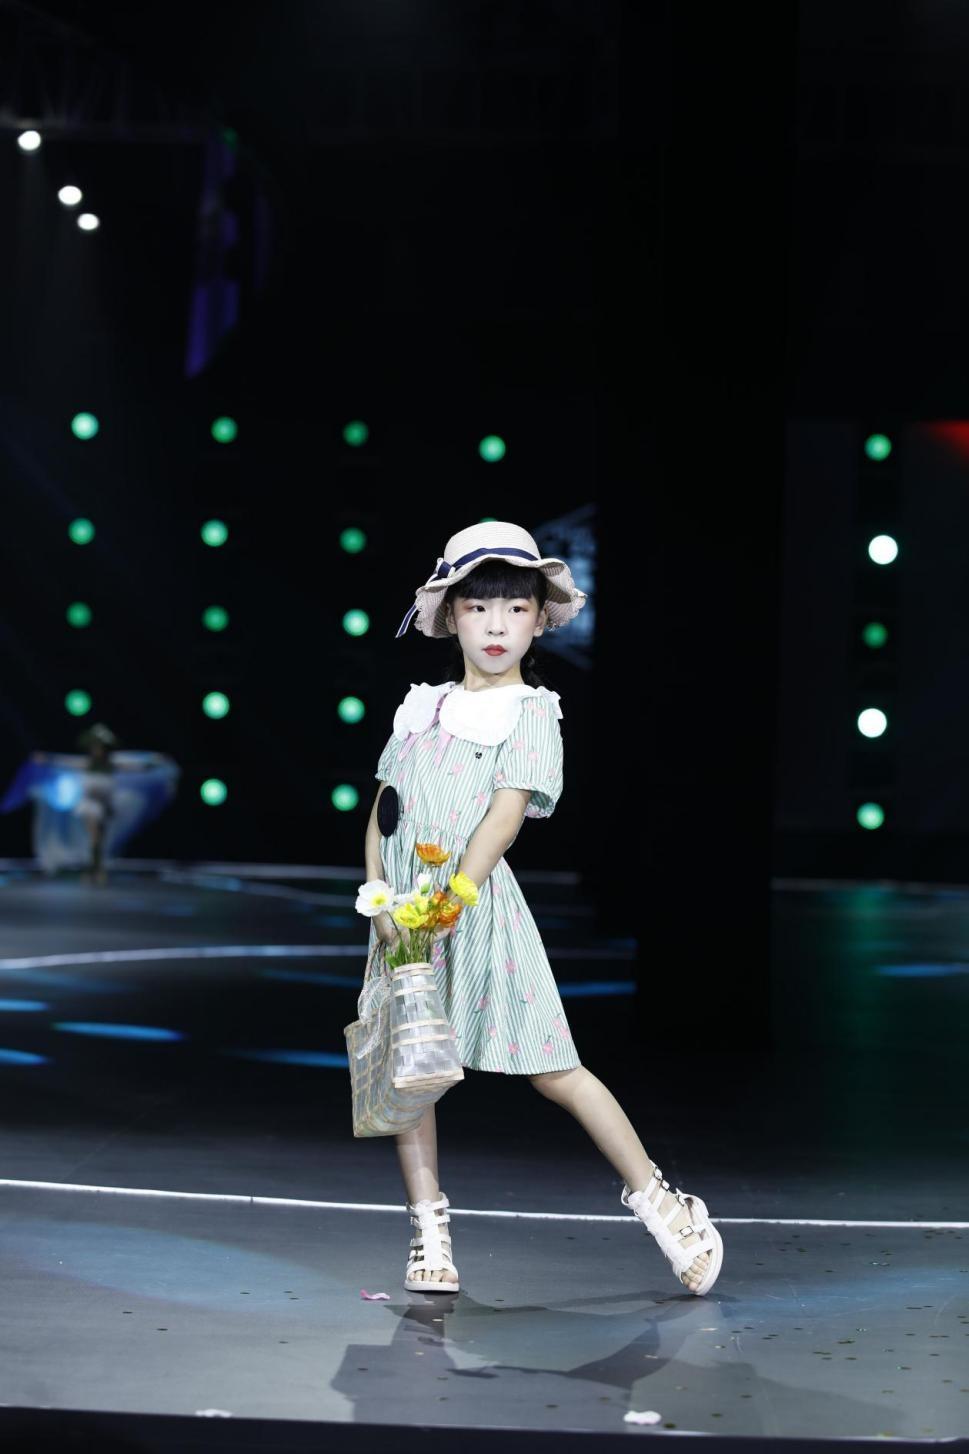 2021精英童模超级联赛全球代言人——宗梓晴